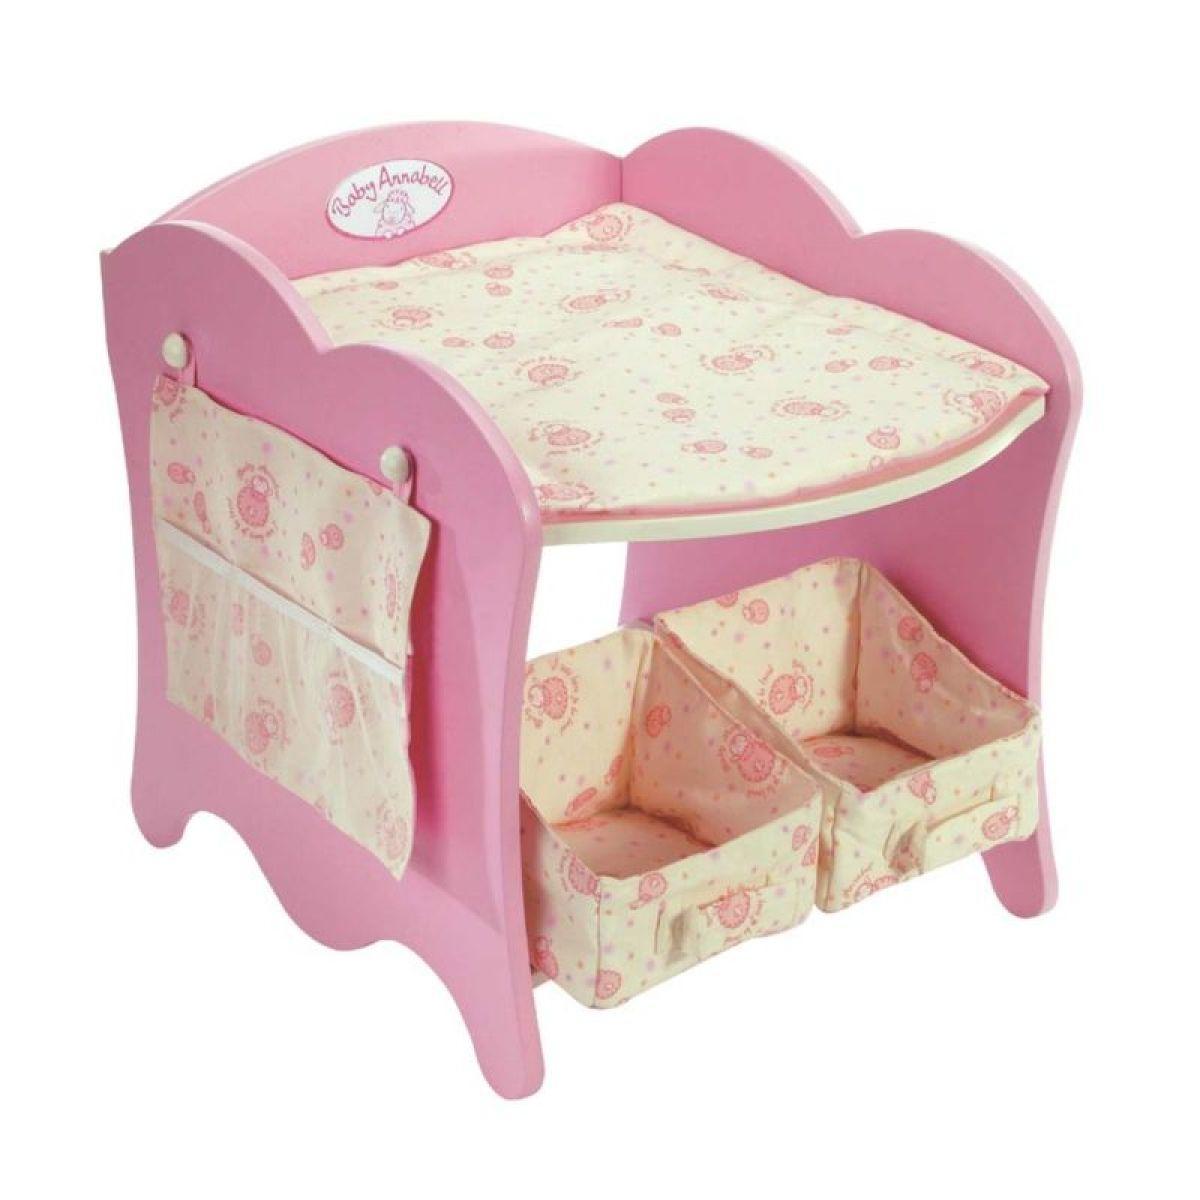 BabyAnnabell Přebalovací stůl pro Baby Annabell Zapf